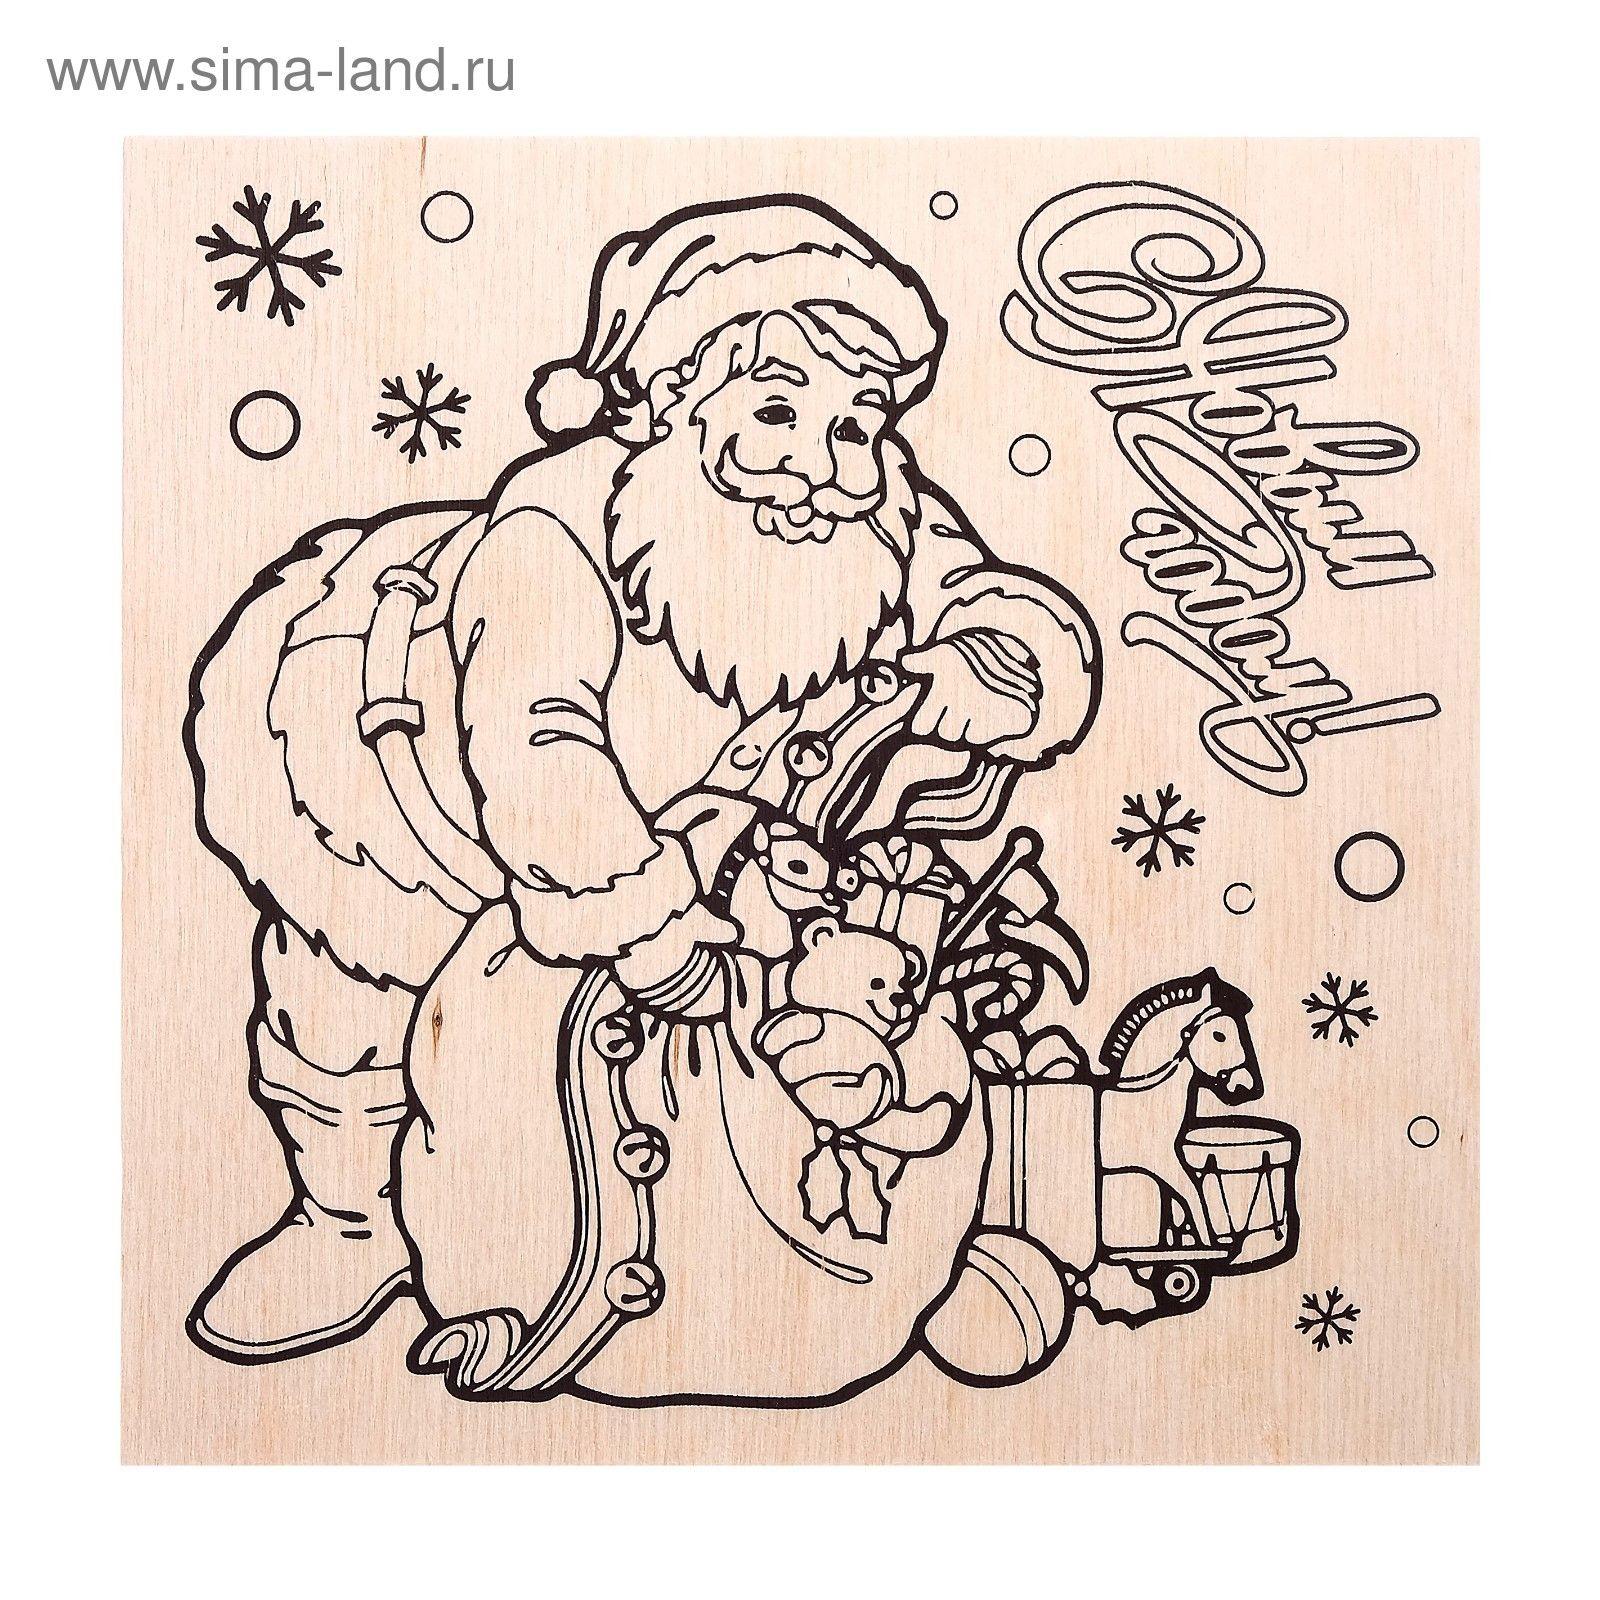 Доска для выжигания НГ Дед Мороз с подарками